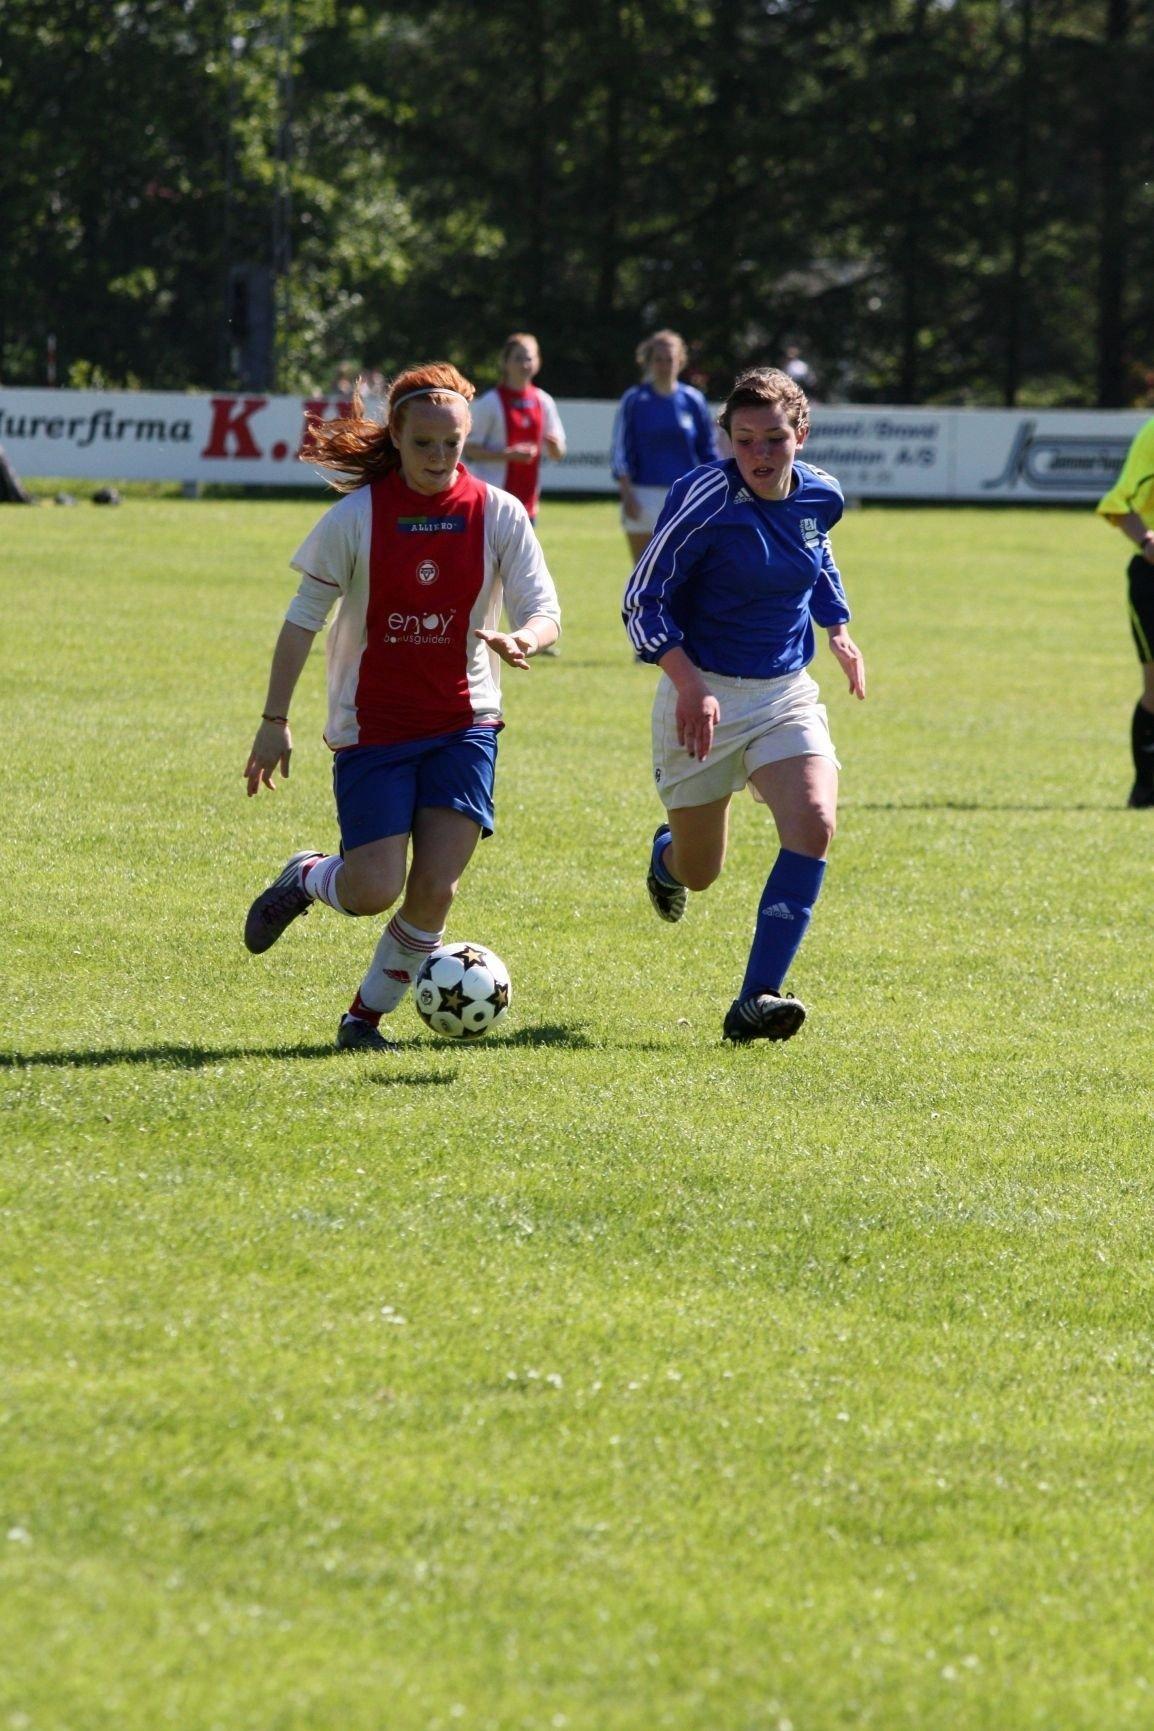 KFUM-spiss Ragna Gjørtz var så nære å score mot Kjelsås, men marginene var ikke helt på KFUM-siden på lørdag.